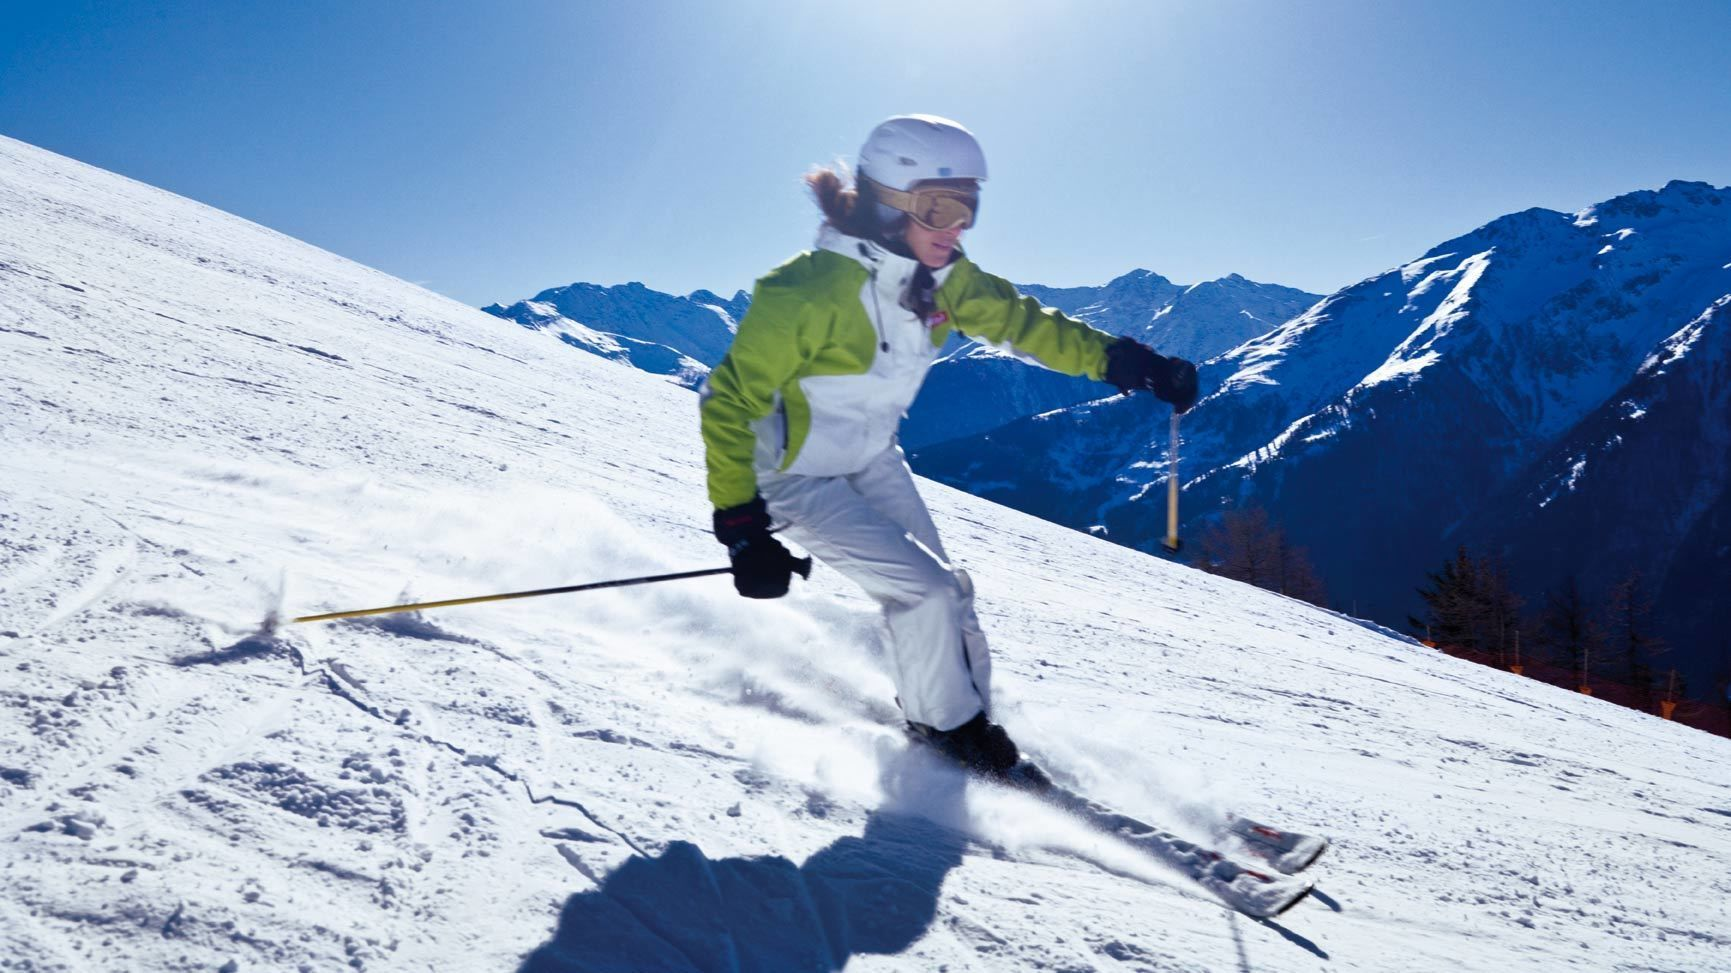 Skier going downhill in Munich